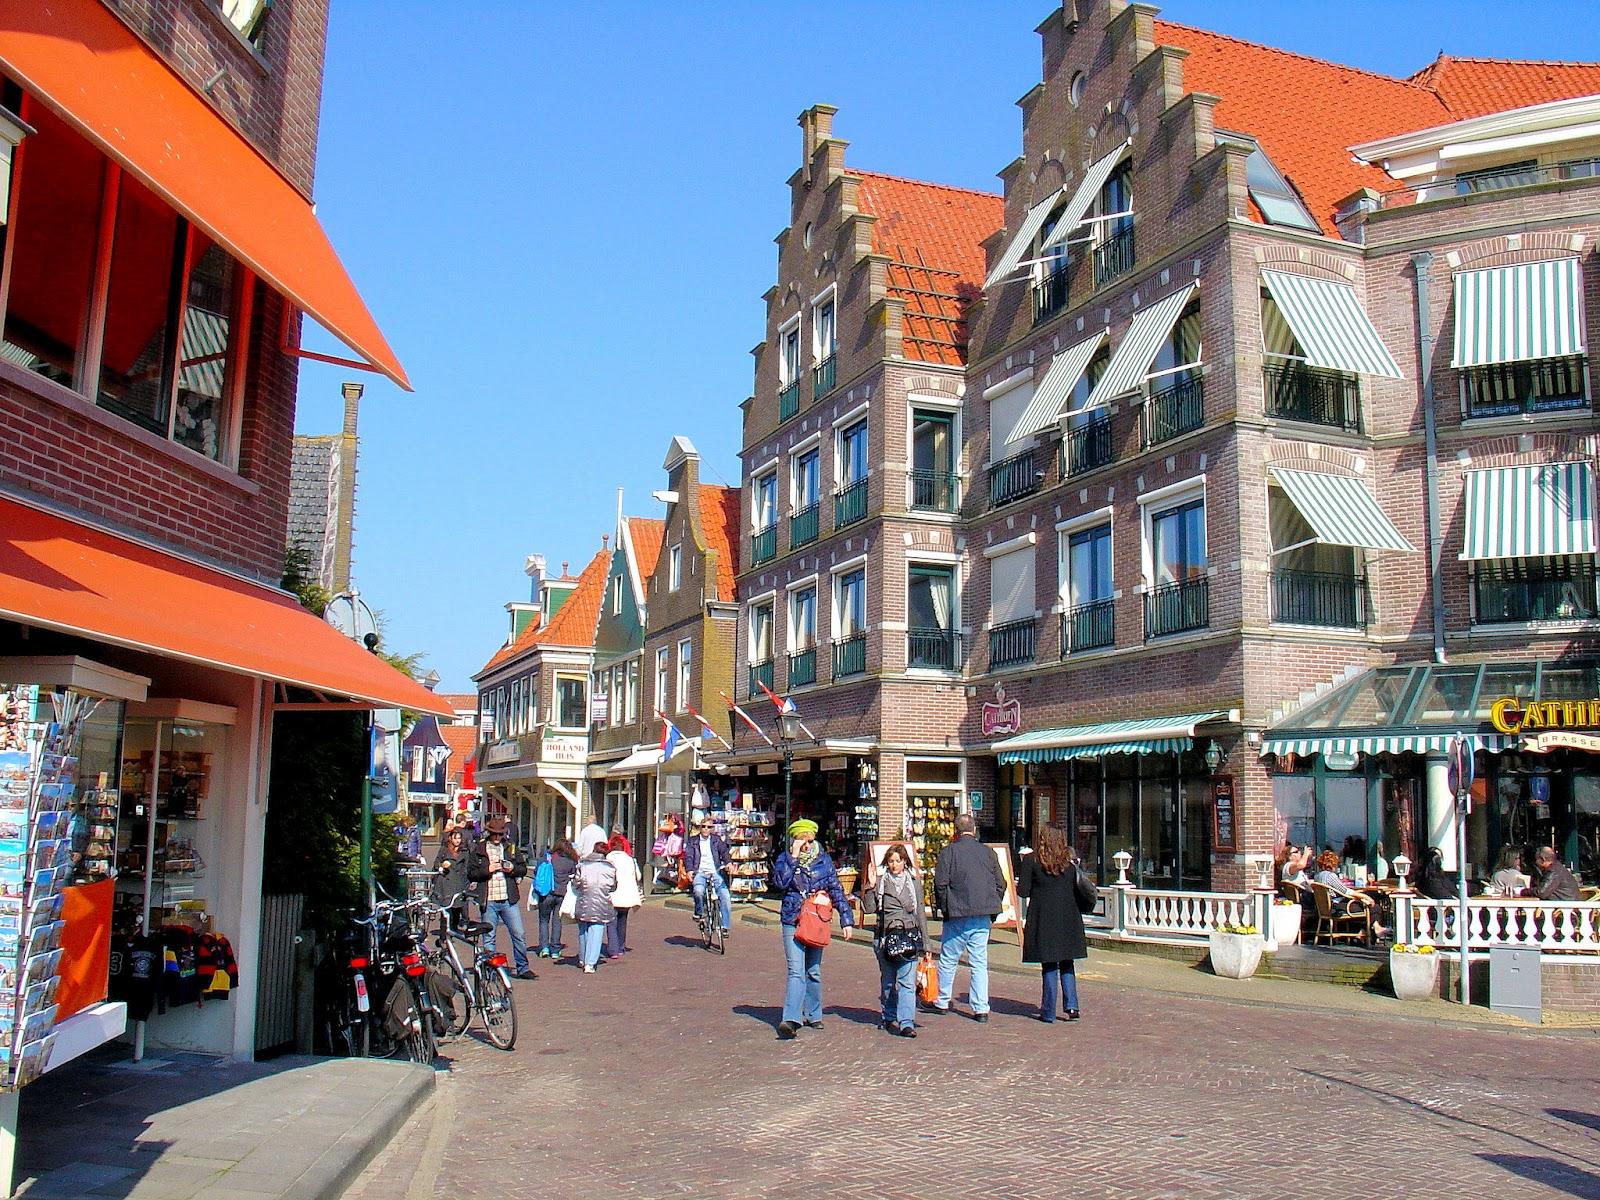 A Voyage To Volendam In The Netherlands